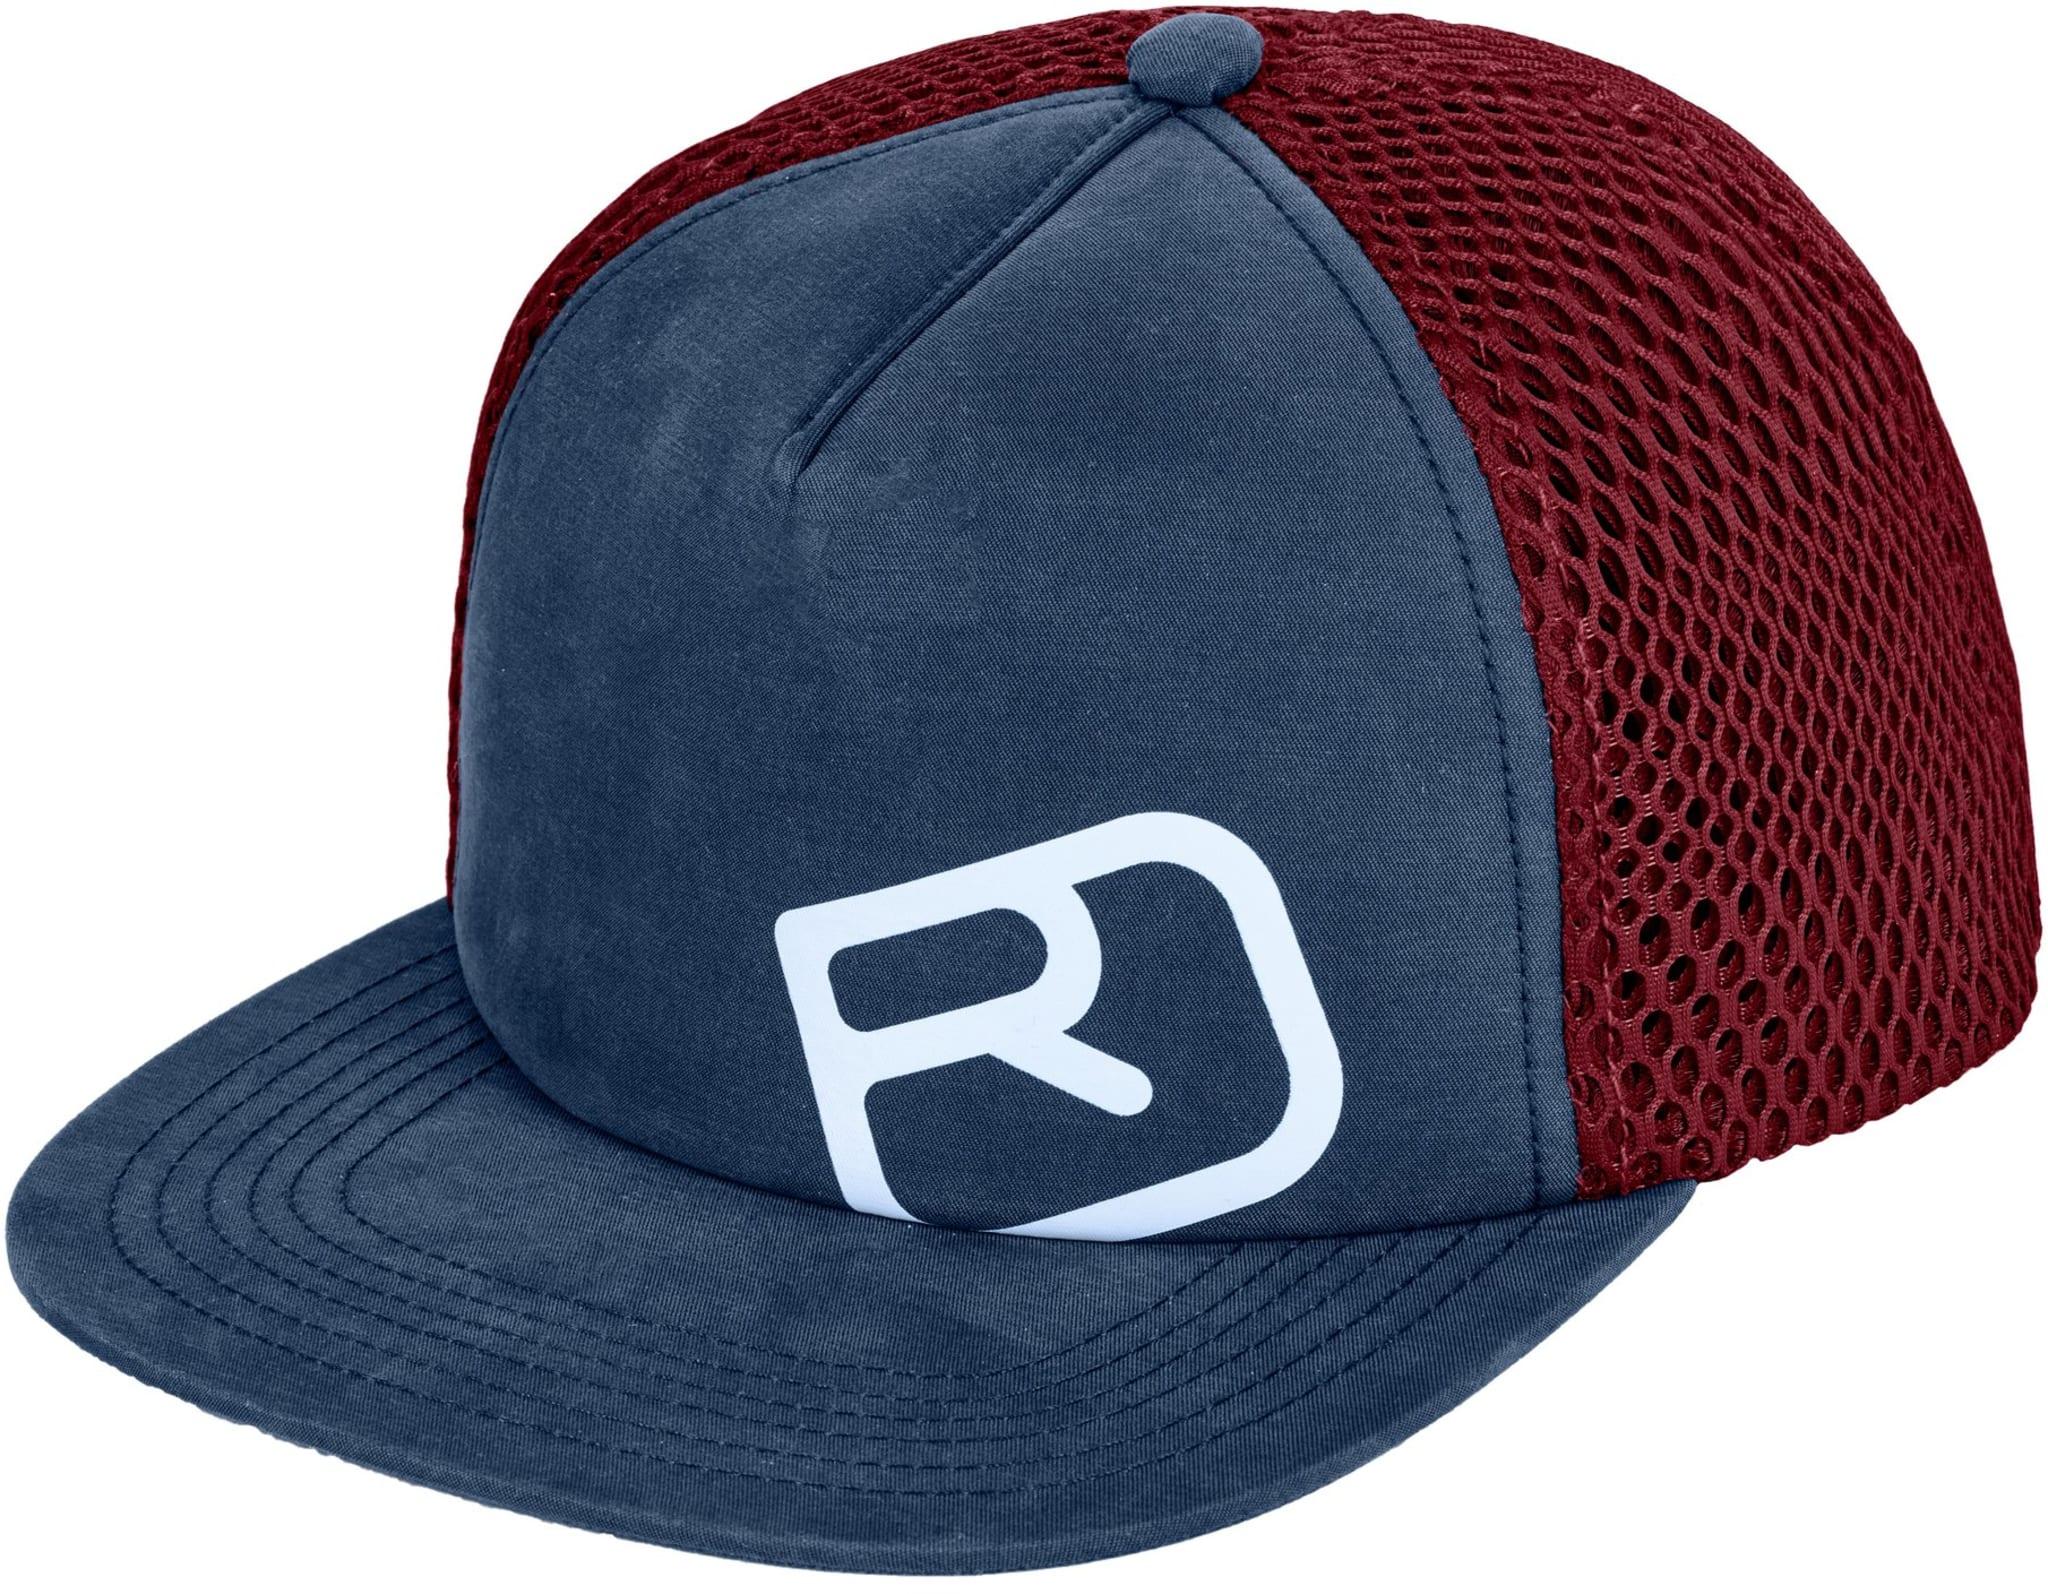 TRUCKER LOGO CAP